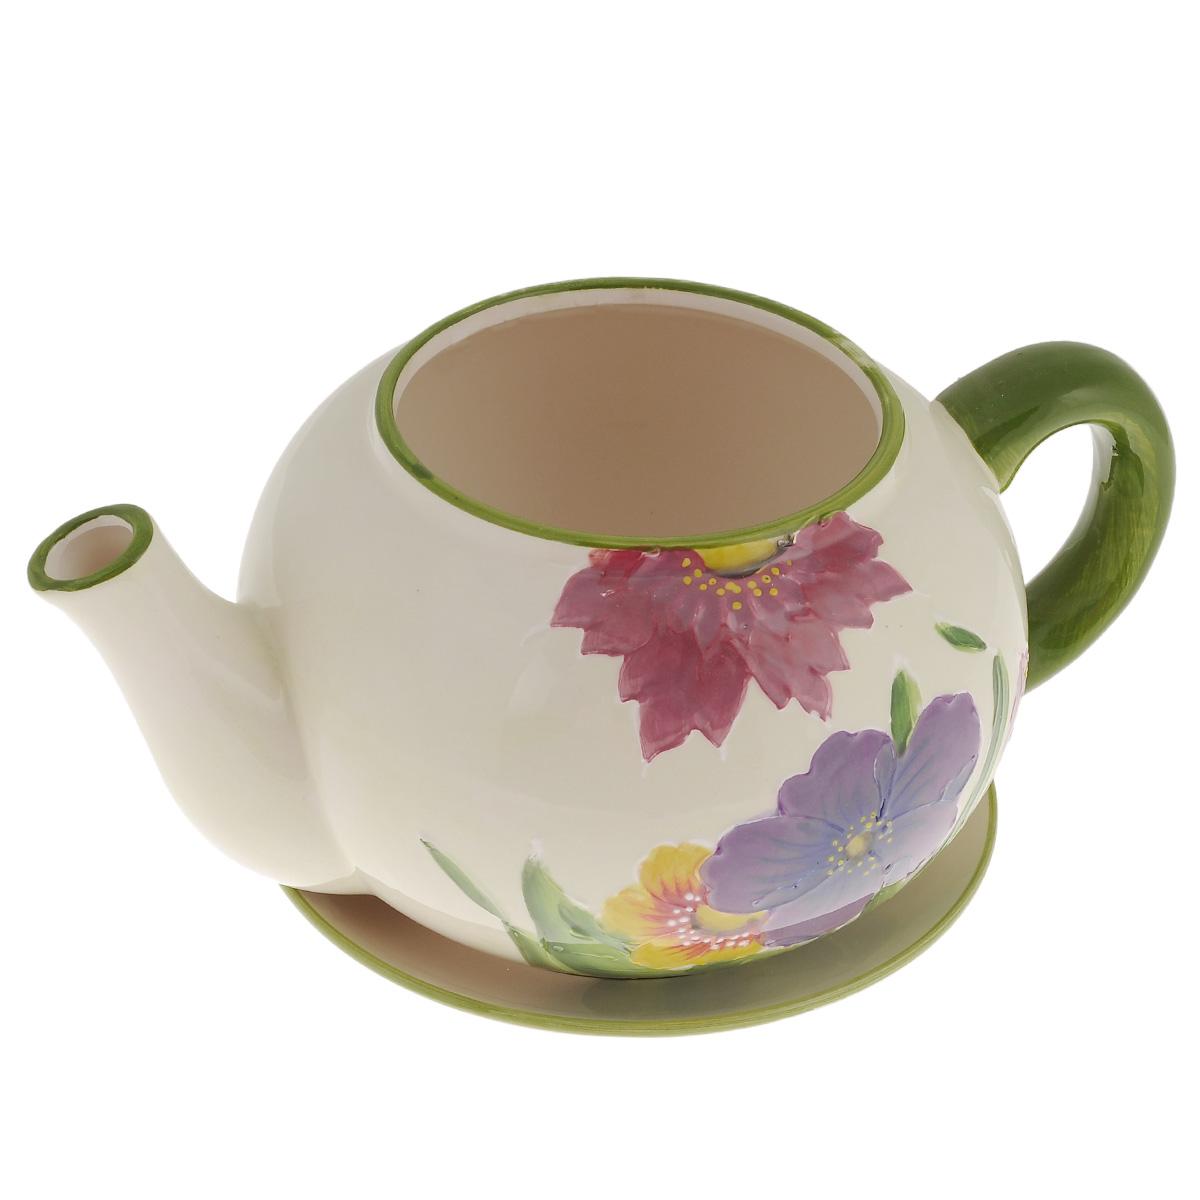 Кашпо Lillo Заварочный чайник, с поддоном. XY10S015-1AXY10S015-1AКашпо-горшок для цветов Lillo Заварочный чайник выполнен из прочной керамики и декорирован красочным рисунком. Изделие предназначено для цветов. Такие изделия часто становятся последним штрихом, который совершенно изменяет интерьер помещения или ландшафтный дизайн сада. Благодаря такому кашпо вы сможете украсить вашу комнату, офис, сад и другие места. Изделие оснащено специальным поддоном - блюдцем. Диаметр кашпо по верхнему краю: 12 см. Высота кашпо (без учета поддона): 14 см. Диаметр поддона: 20,5 см.